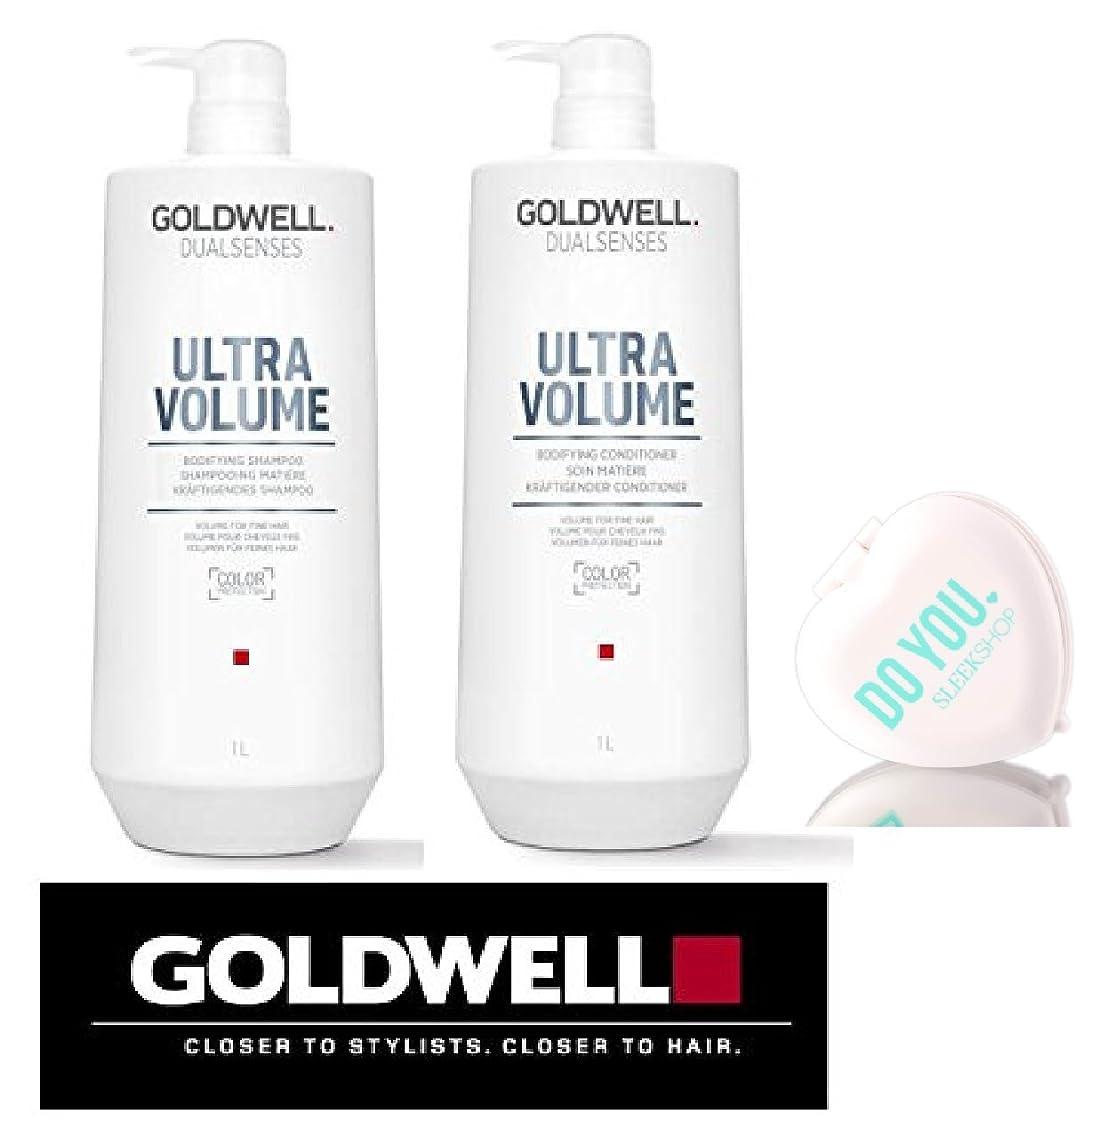 掘る比較的気分が良いUltra Volume by Goldwell (なめらかなコンパクトミラー付き)Goldwell DualsensesウルトラボリュームBodifyingシャンプー&コンディショナーDUOセット 33オンス/千ミリリットル大型キット